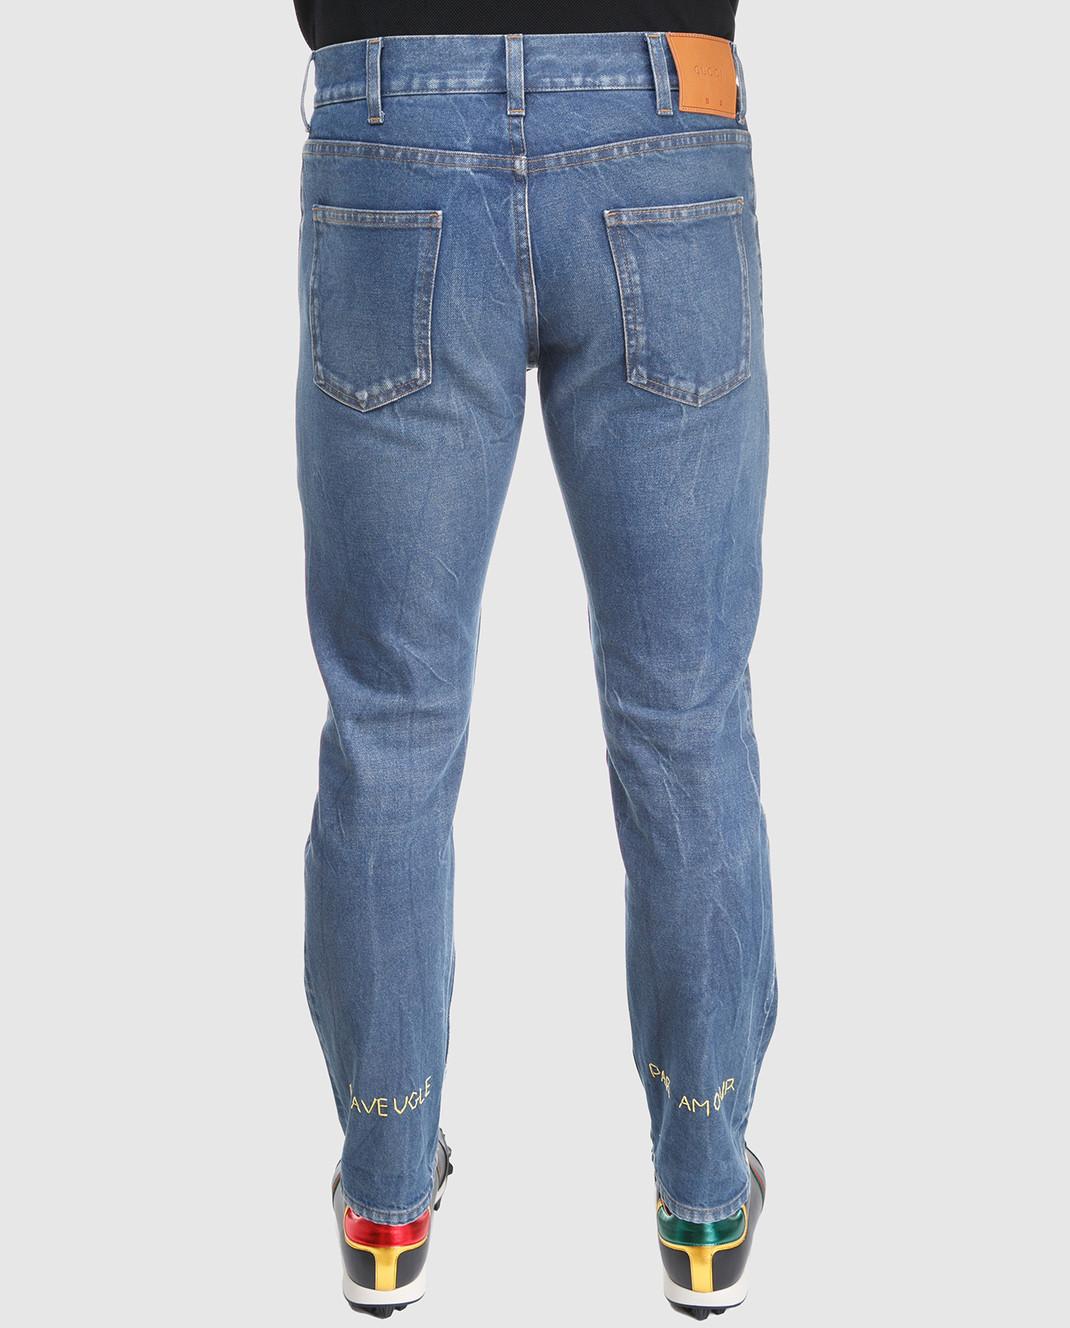 Gucci Синие джинсы 475273 изображение 4